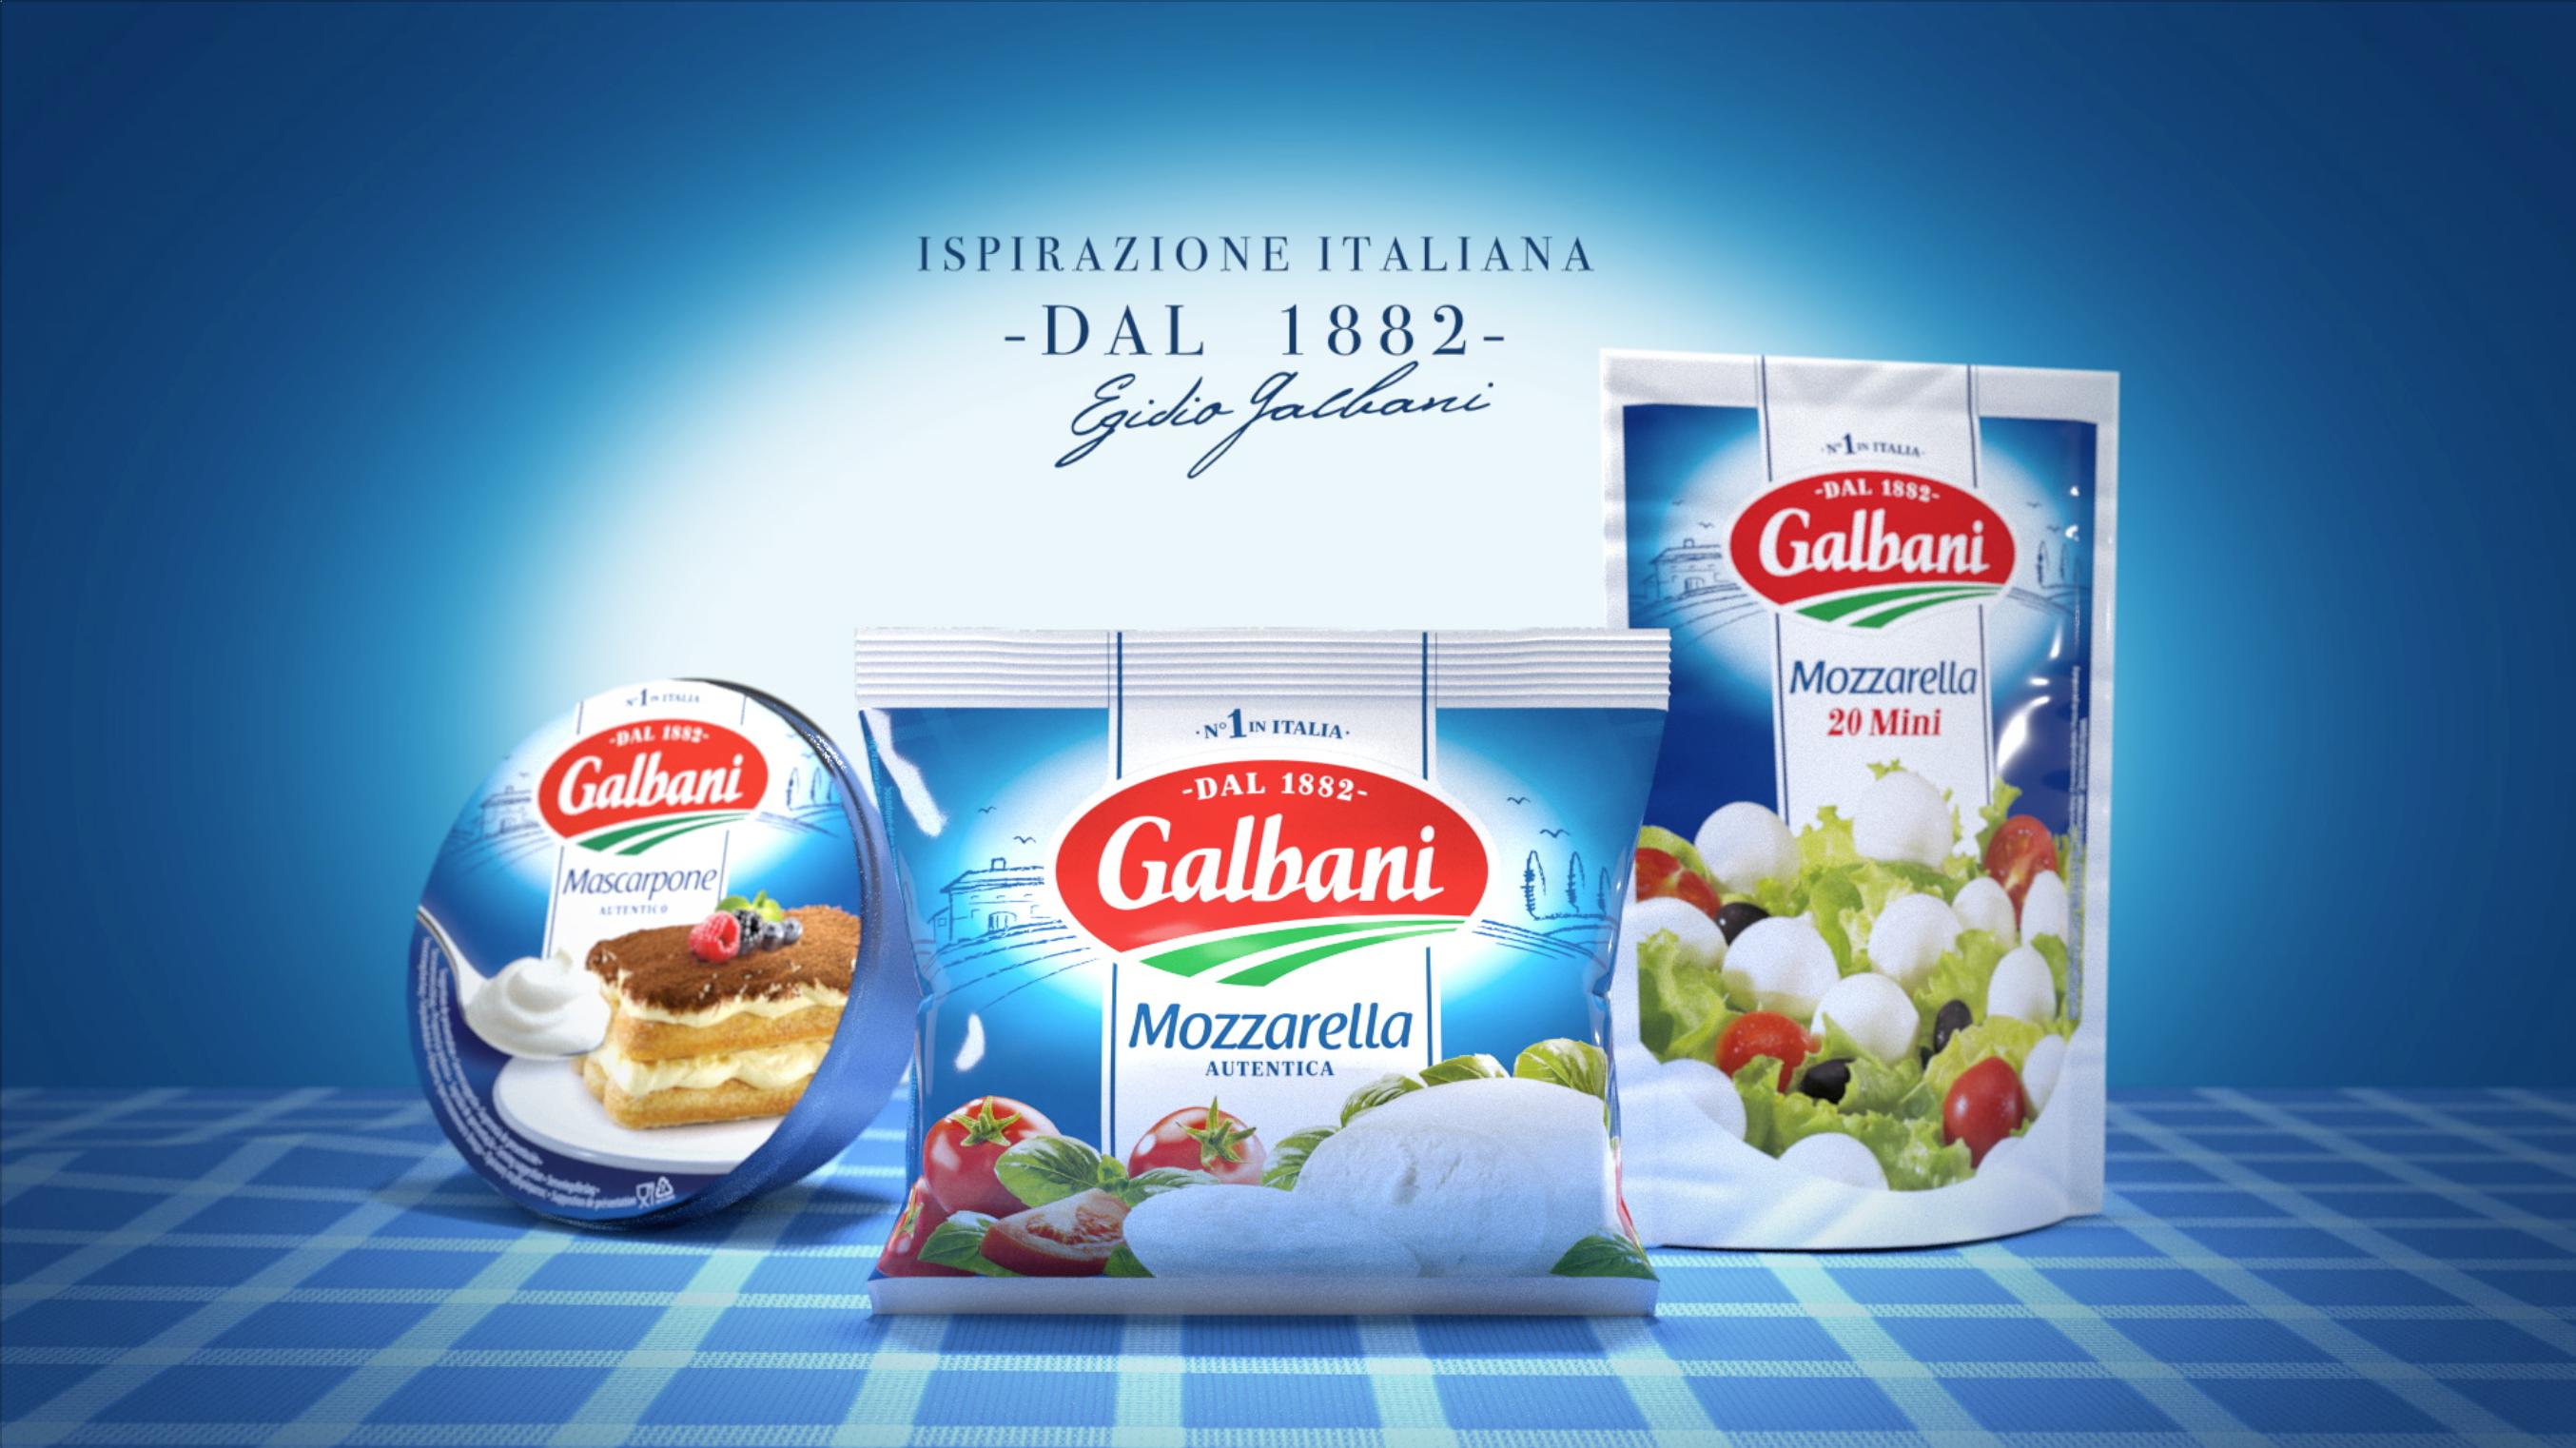 Galbani, fiducia da oltre 135 anni